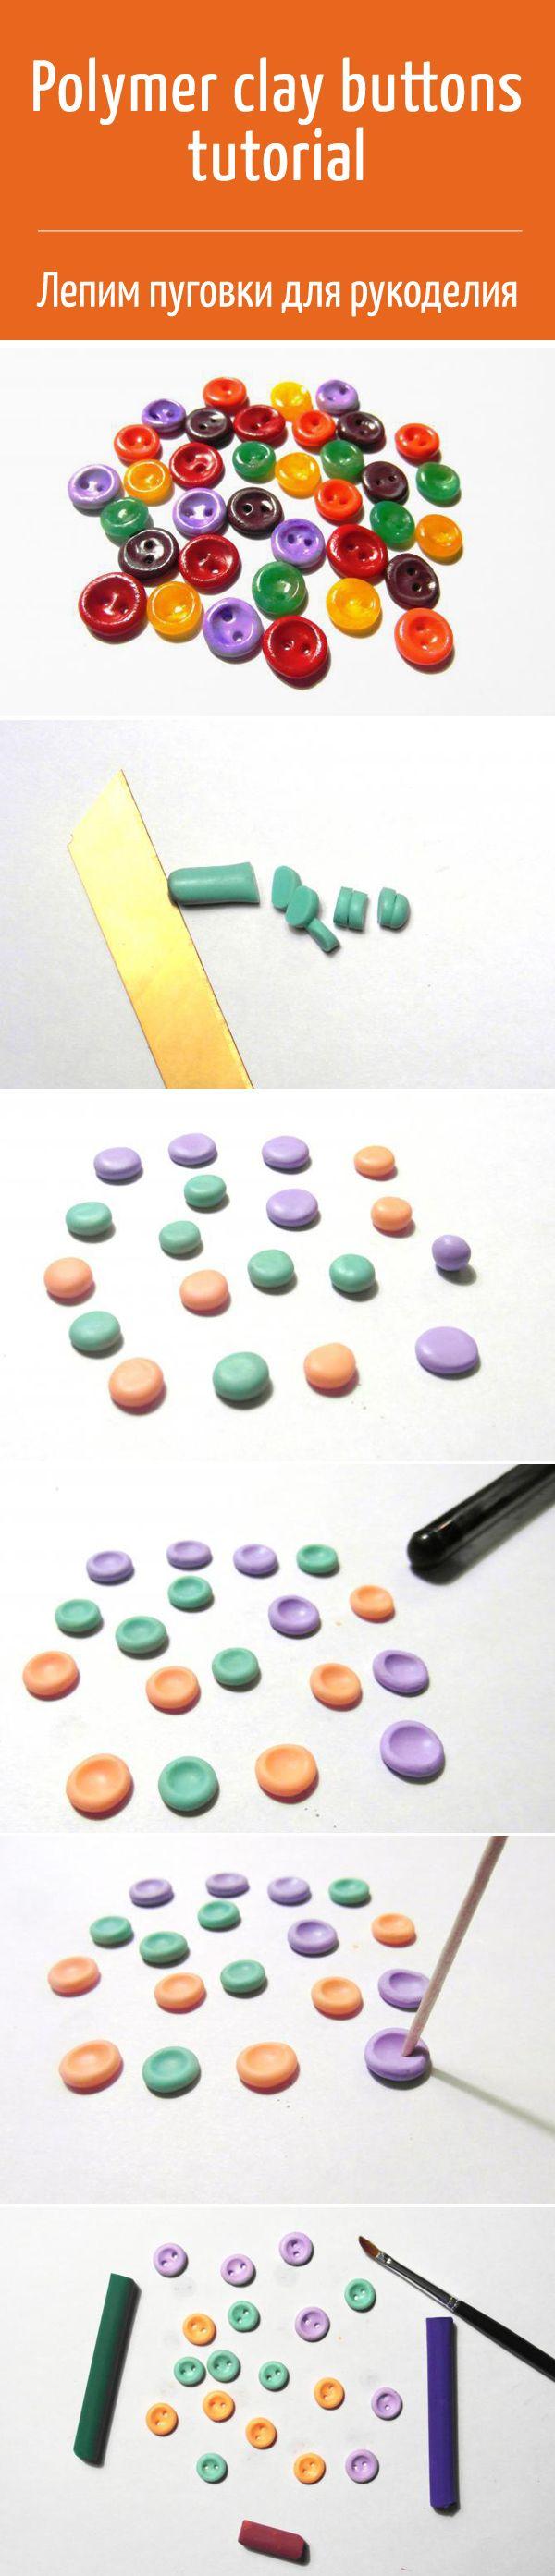 Как быстро и легко сделать пуговки для рукоделия / Polymer clay buttons tutorial